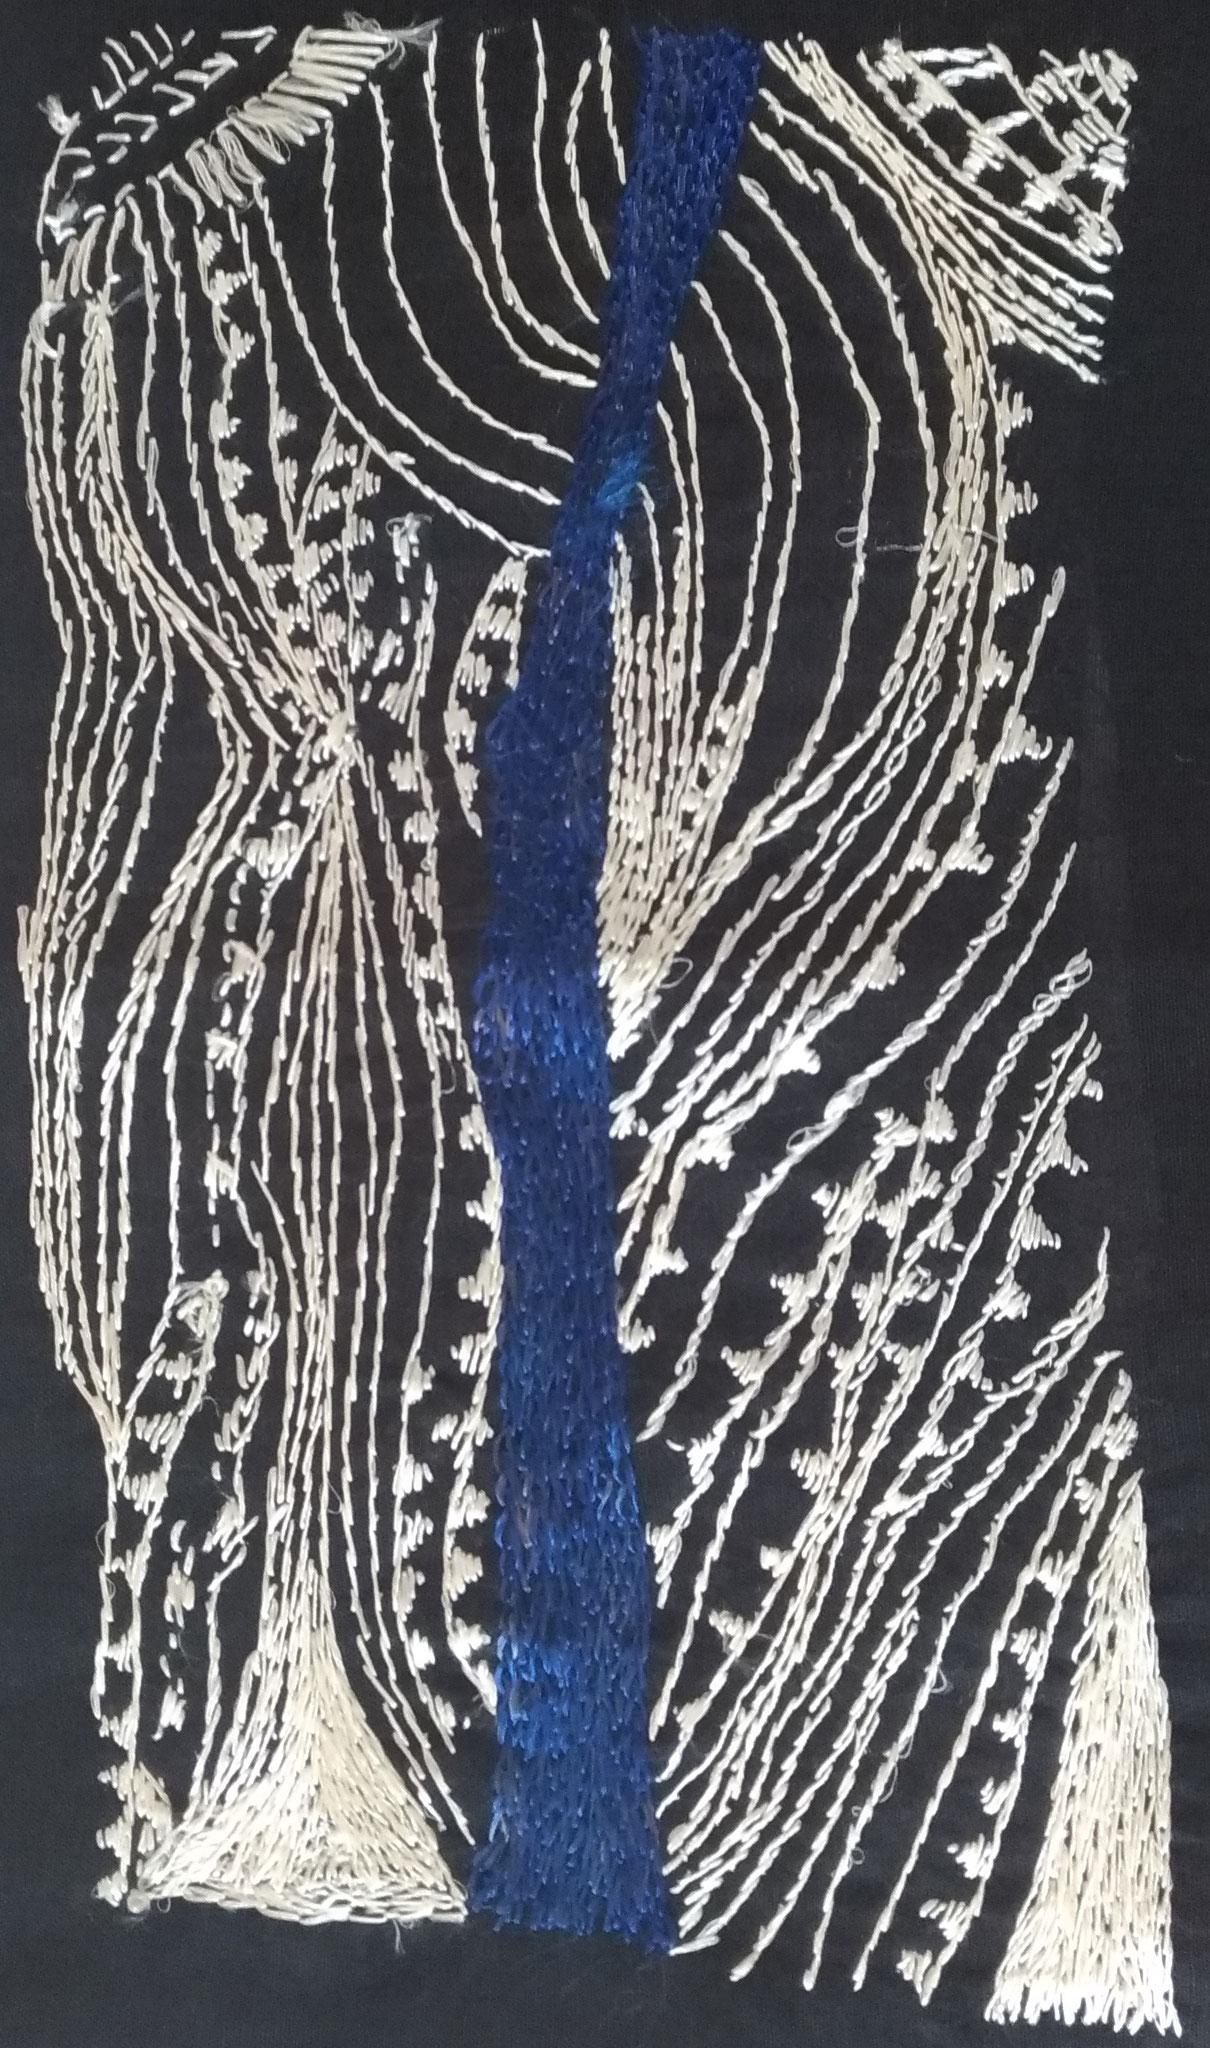 Fil de soie sur tissu en lin - 27x16cm